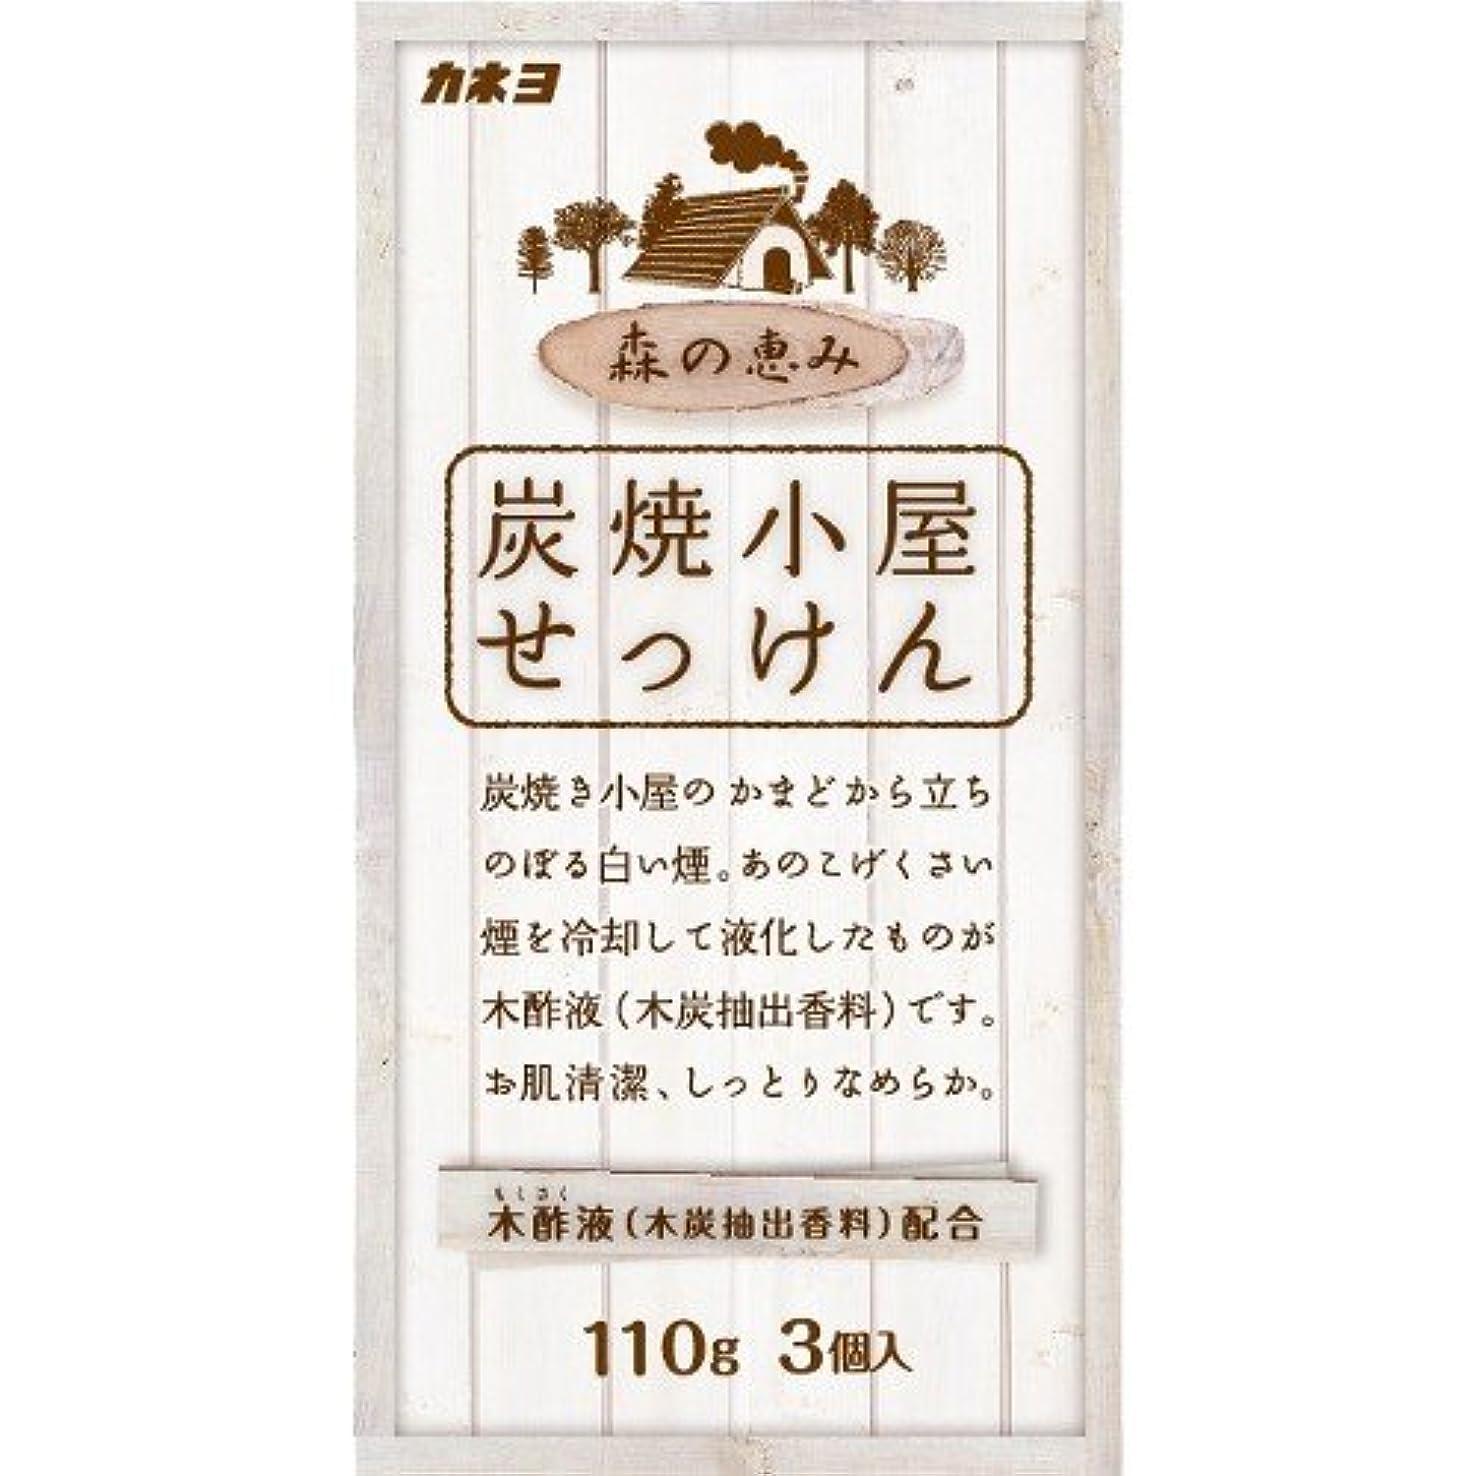 感謝しているカバー色カネヨ石鹸 炭焼小屋 化粧石けん 110g×3個入